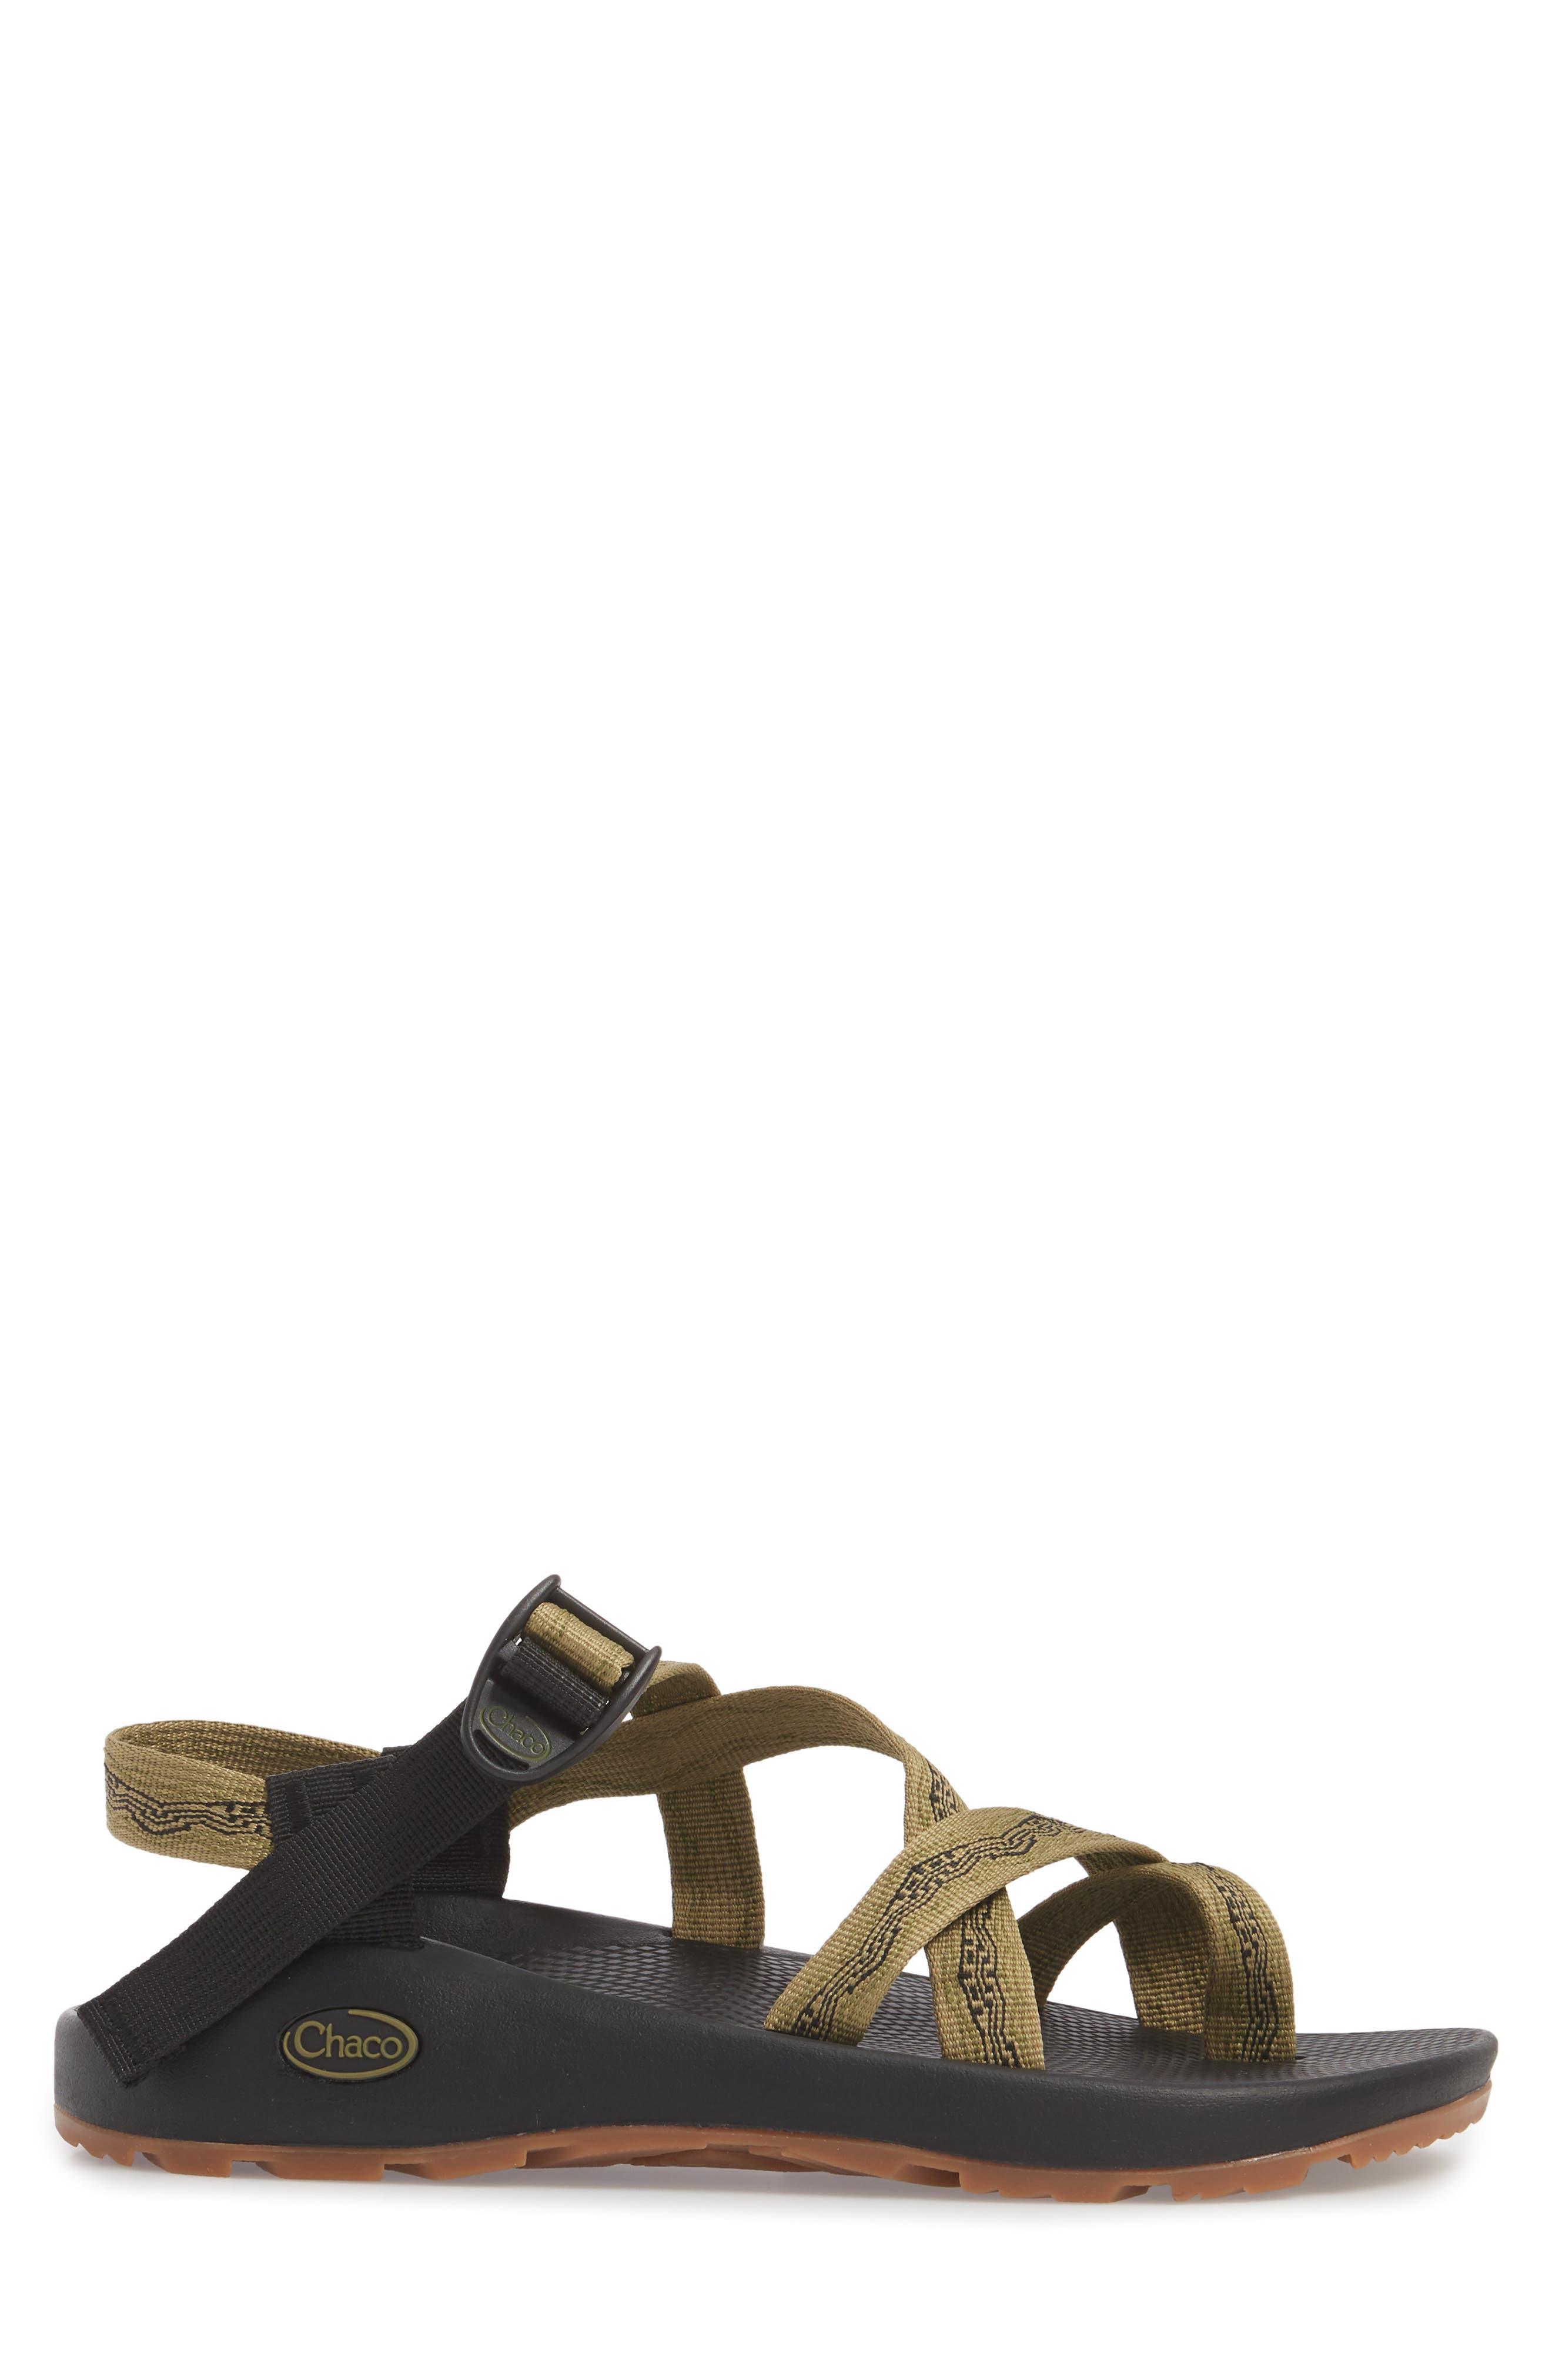 Z/2 Classic Sport Sandal,                             Alternate thumbnail 3, color,                             Tri Boa